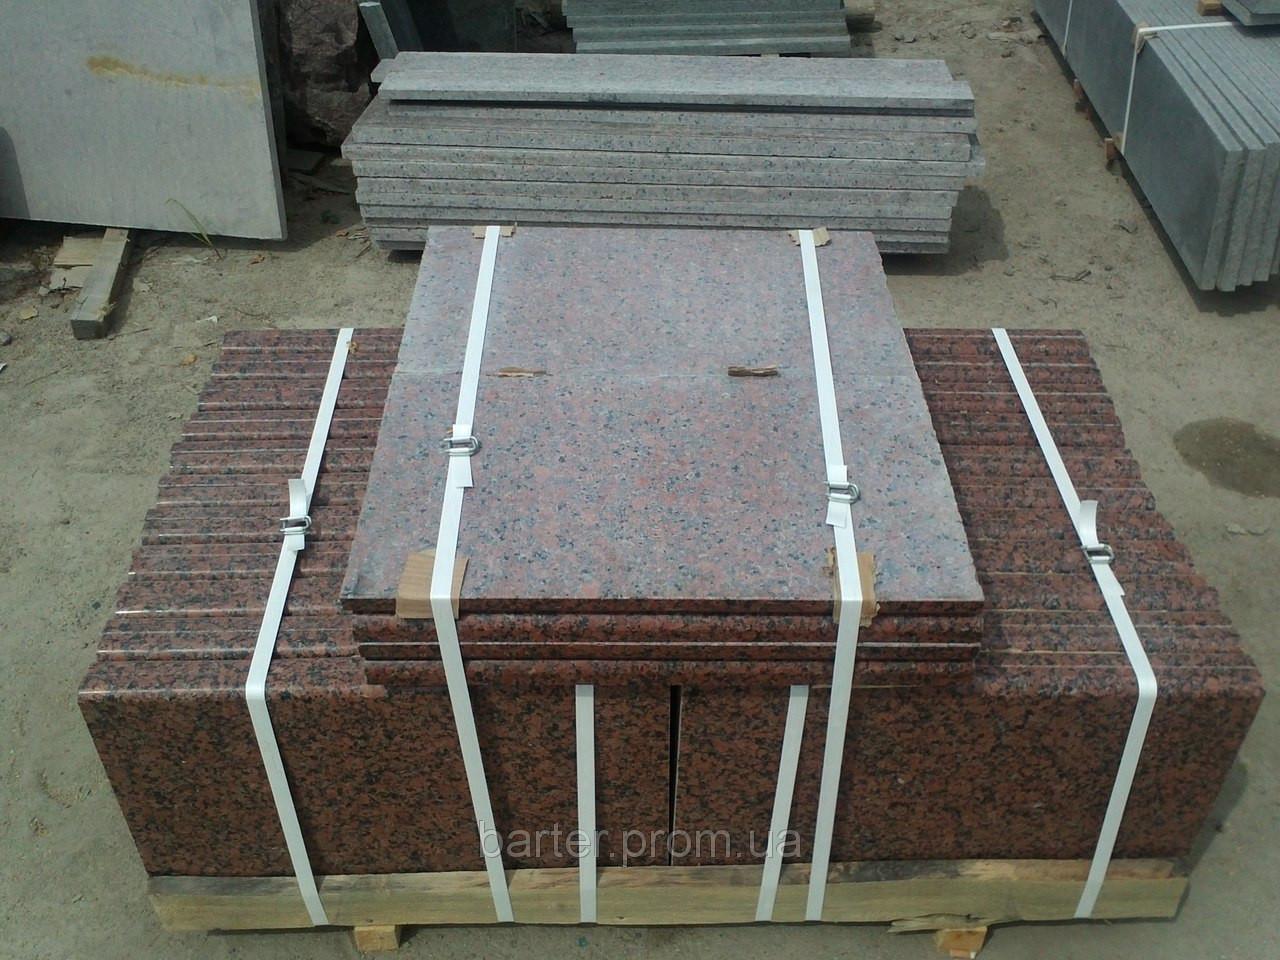 Производство плитки гранитной Покостовка термо 40 мм